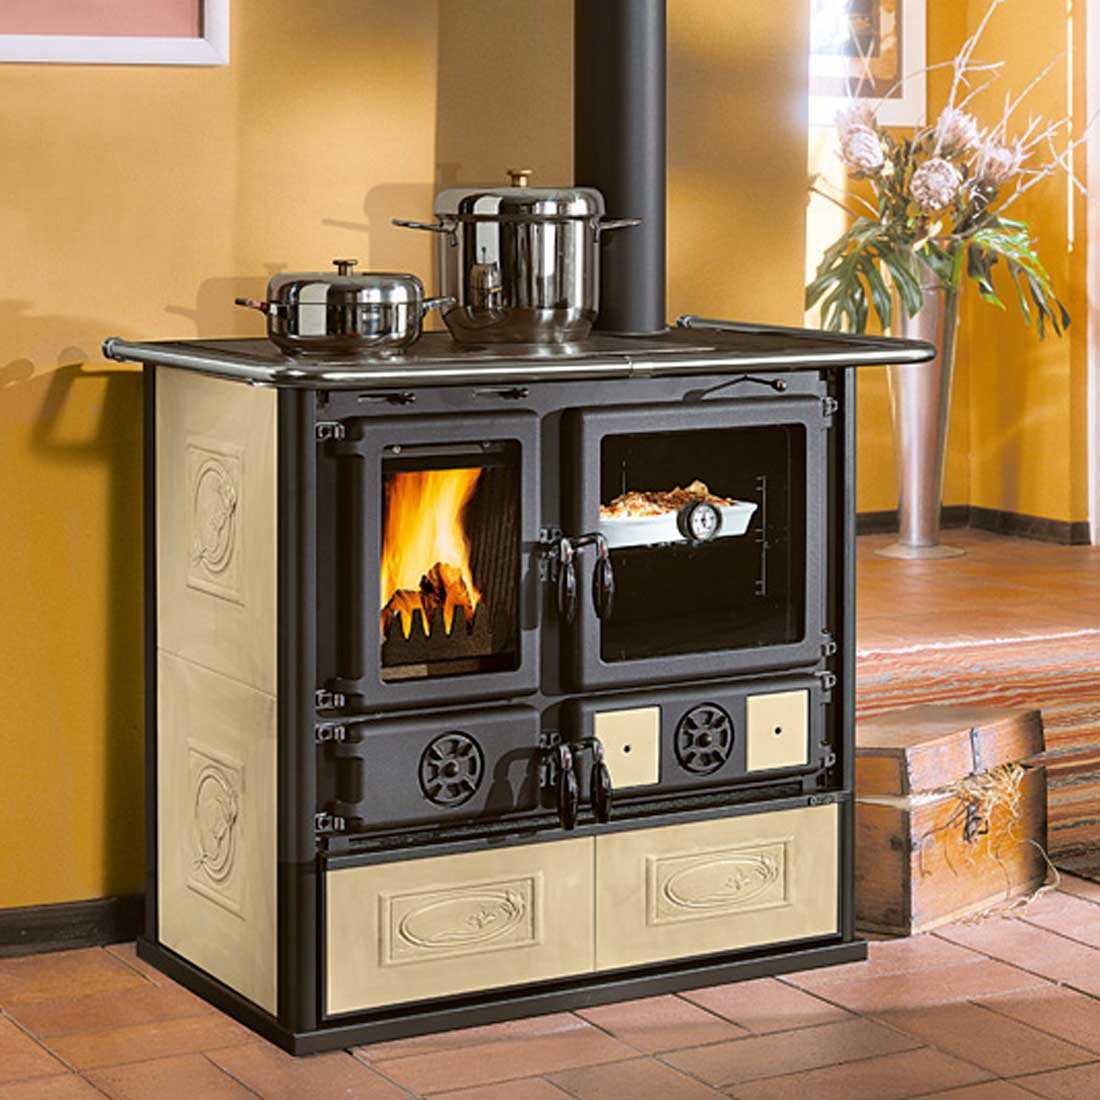 Cucina a legna craquelè modello Rosa di Nordica potenza termica 6,5 Kw